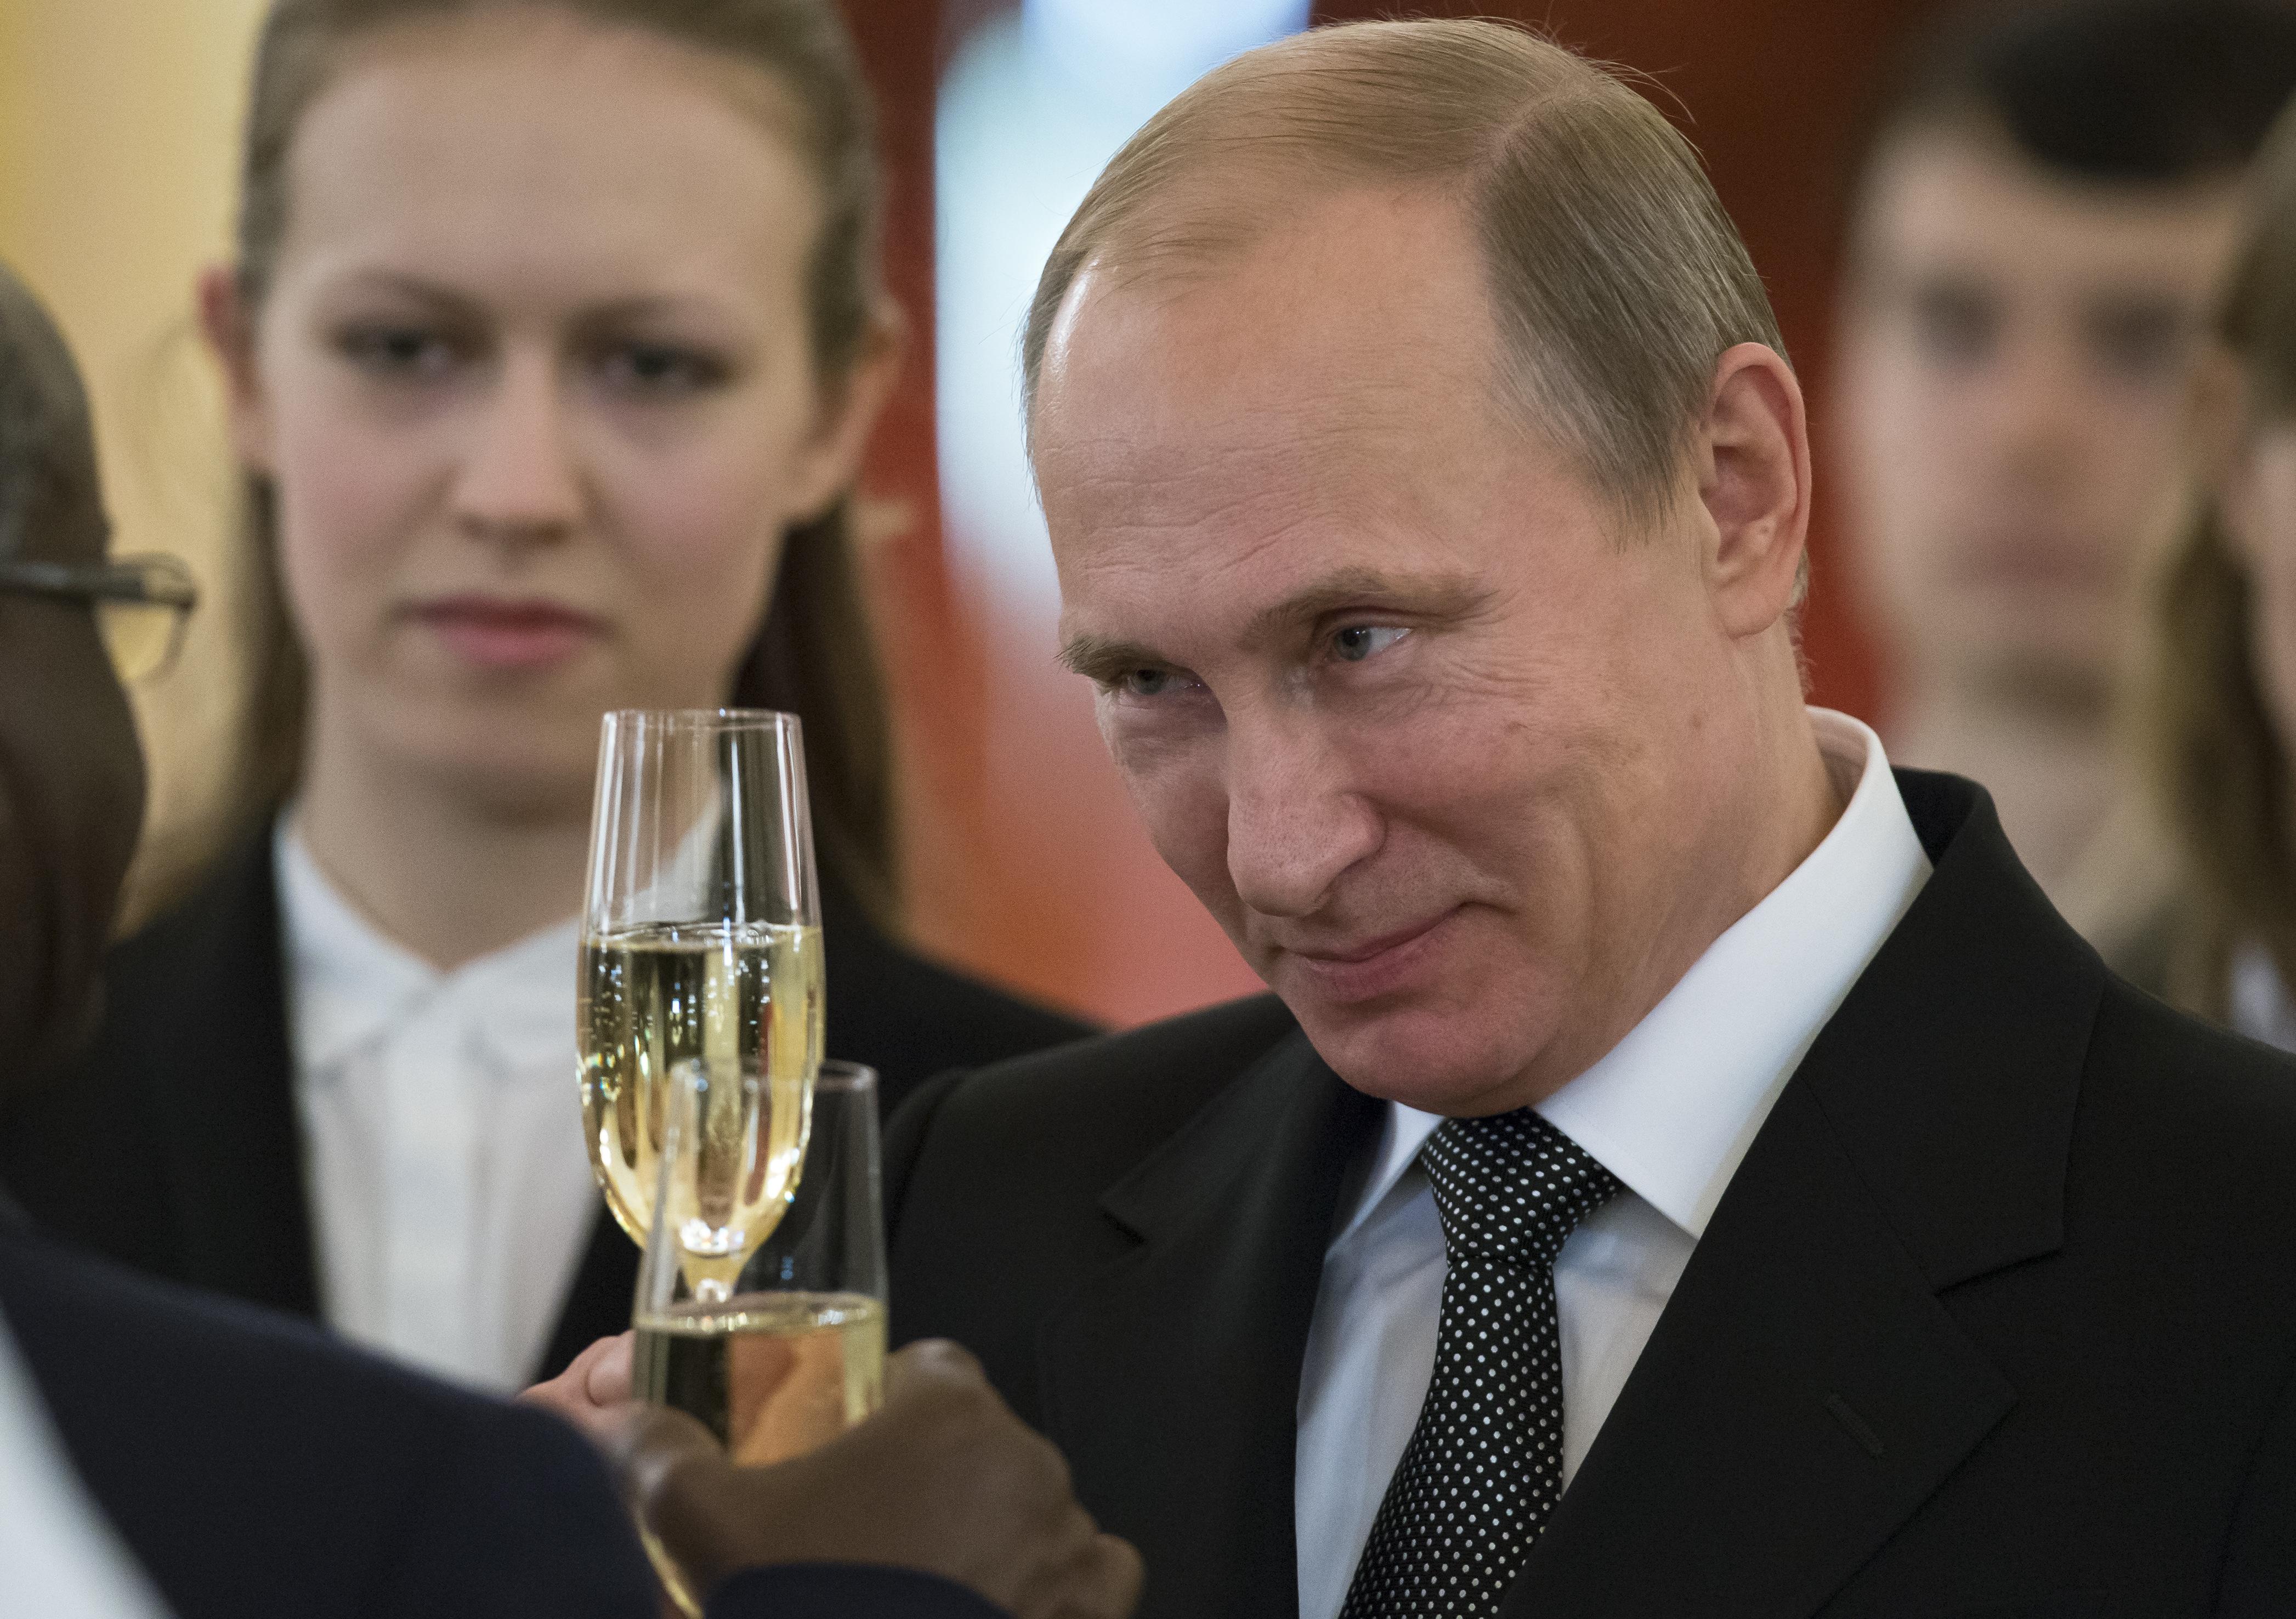 Putyin nevet adott egy rakás orosz katonai ezrednek, az egyiket Erdélyről nevezte el